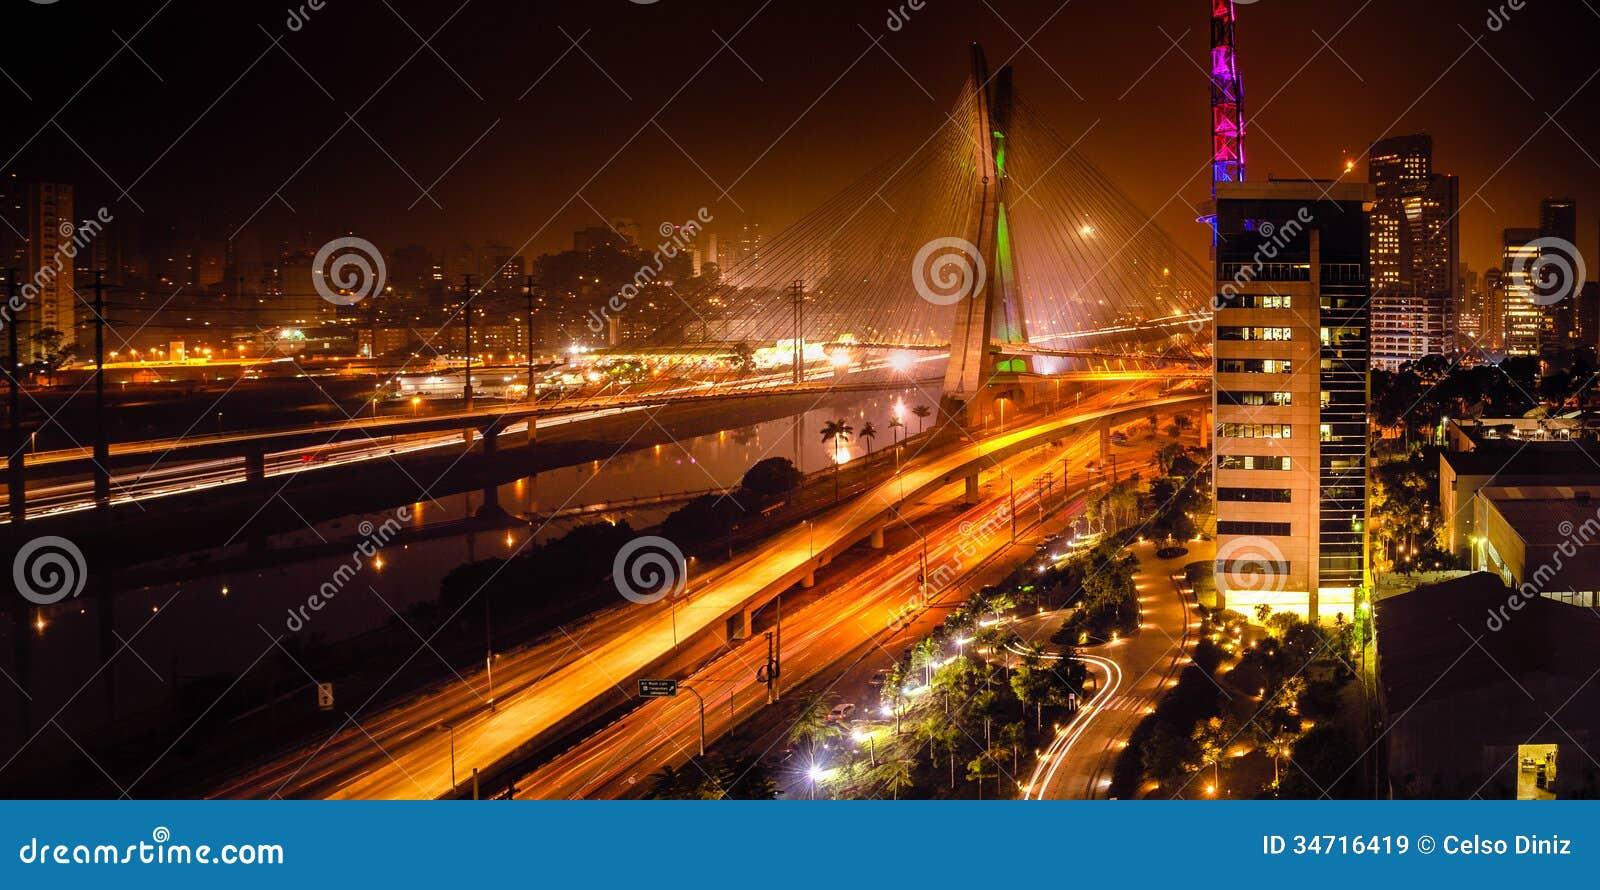 Bridge at night in Sao Paulo